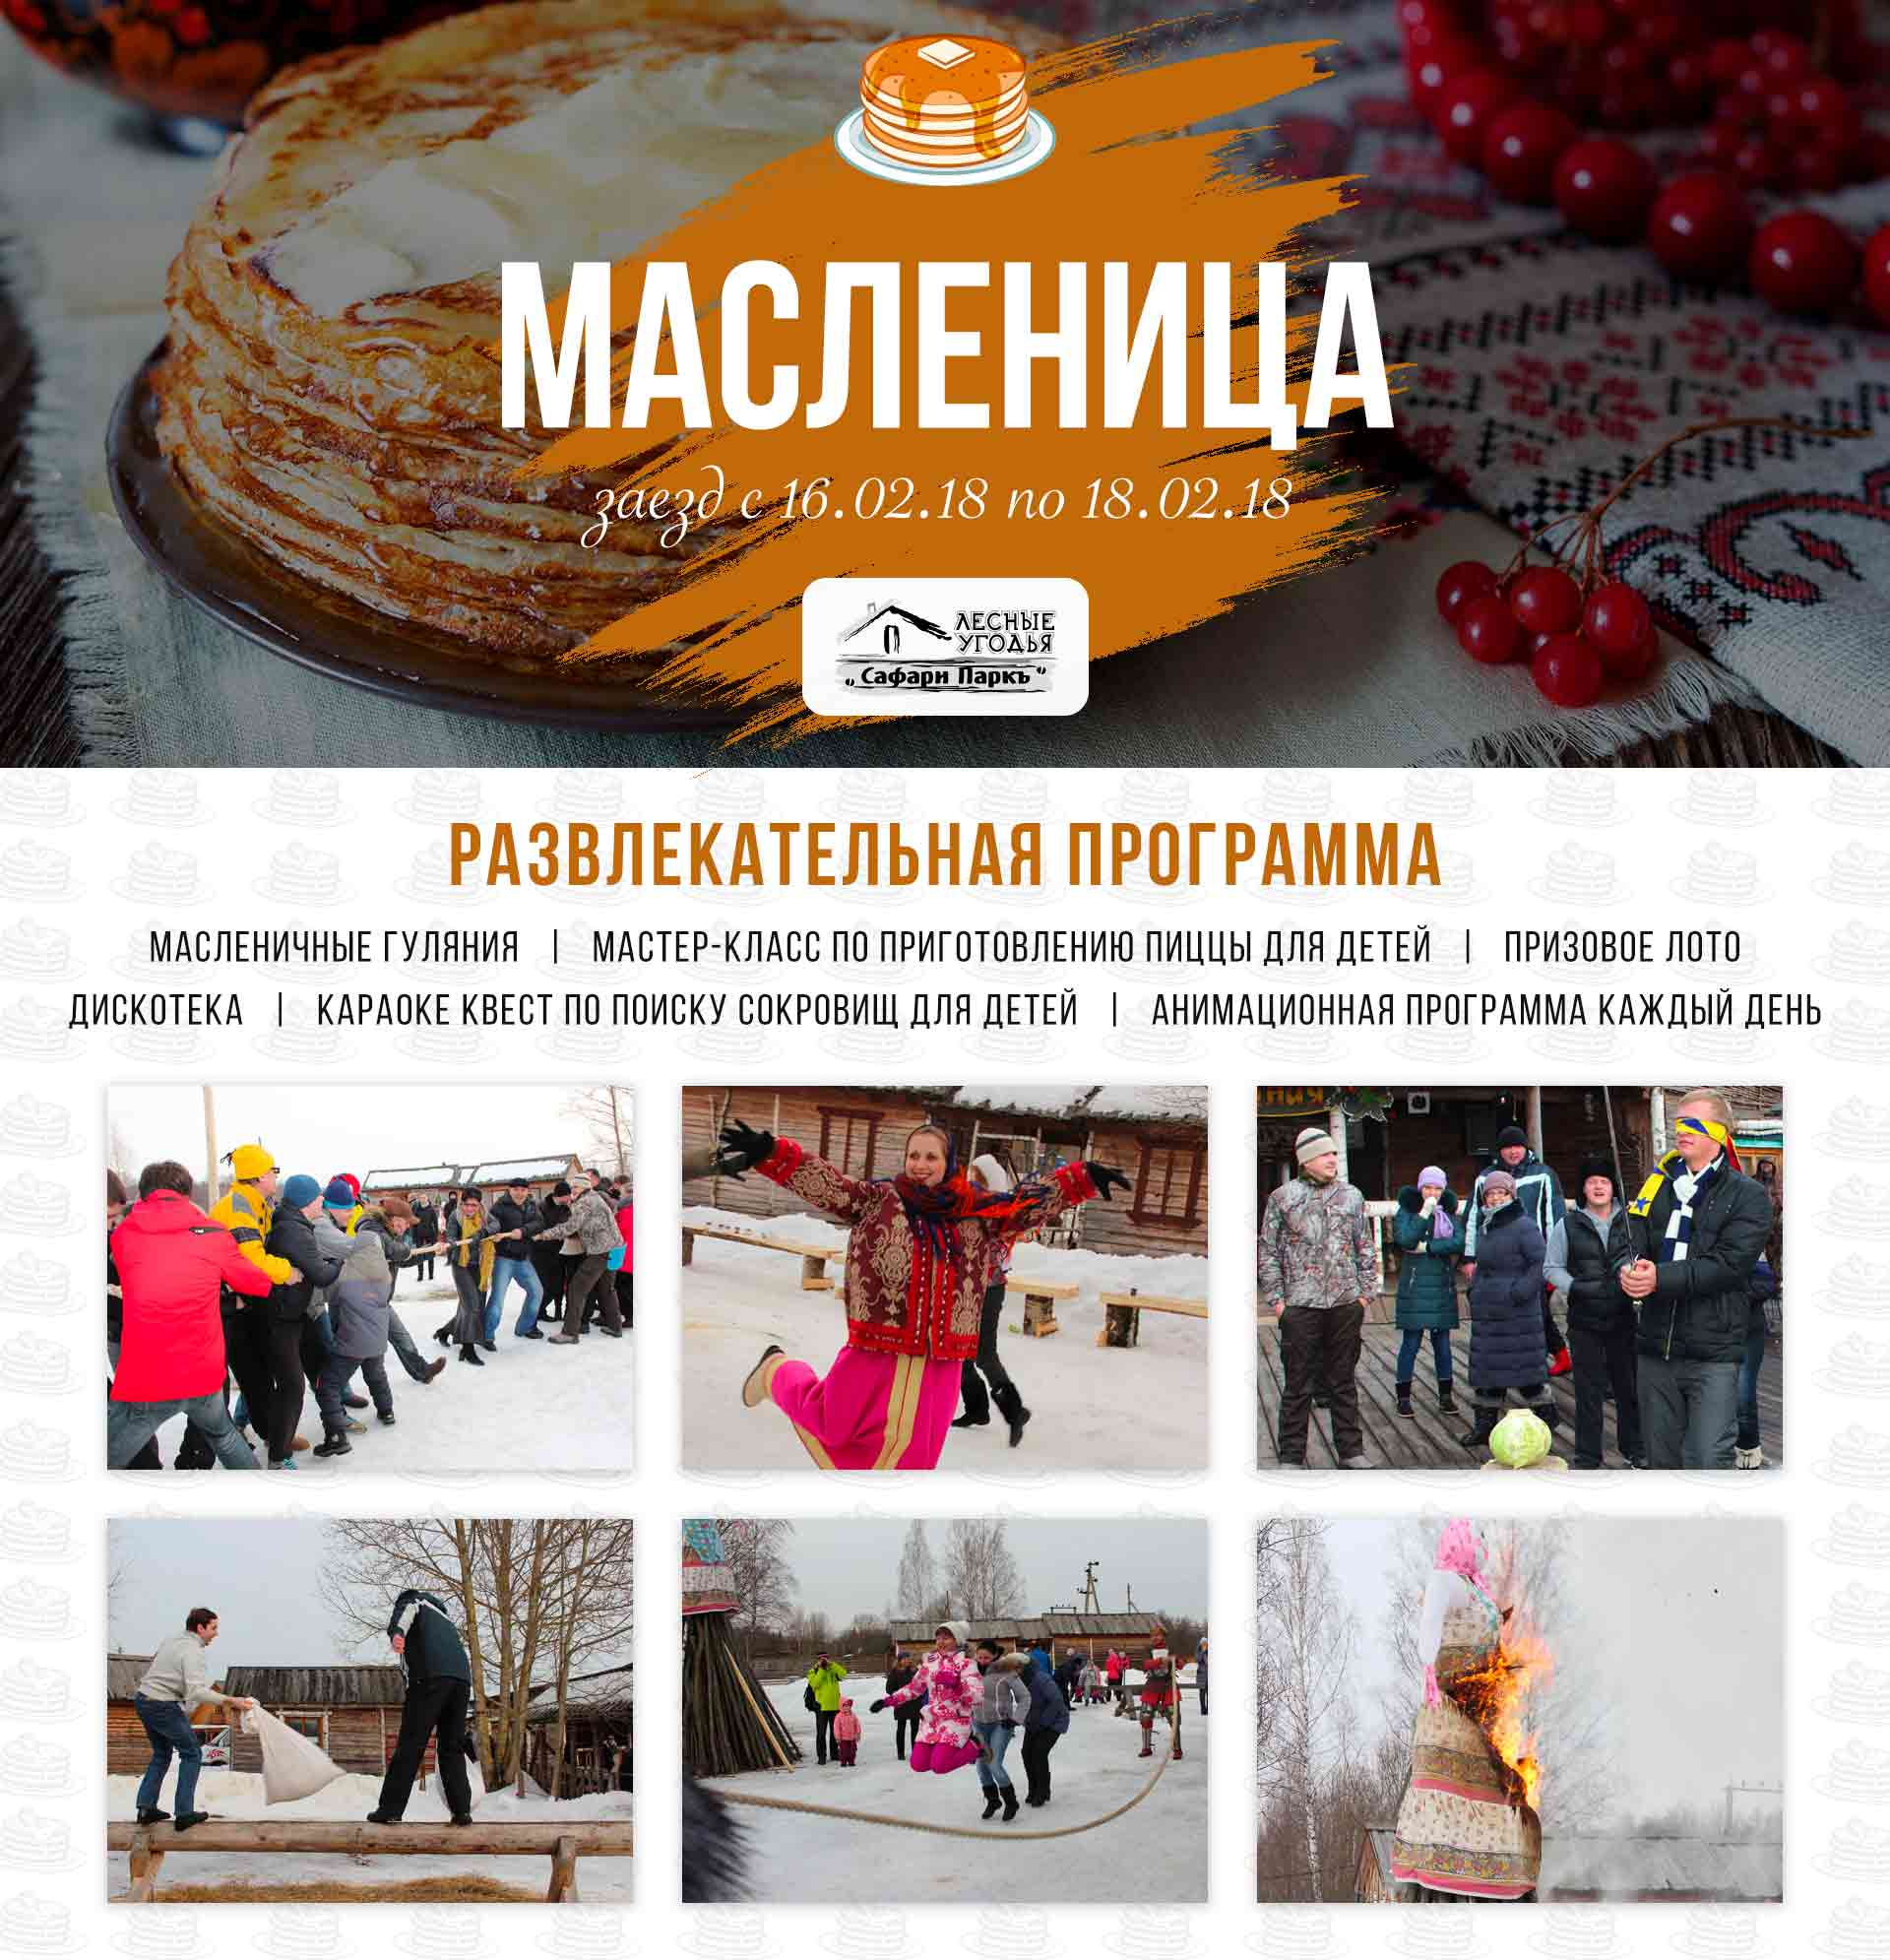 maslenitsa-programka-2018-prog